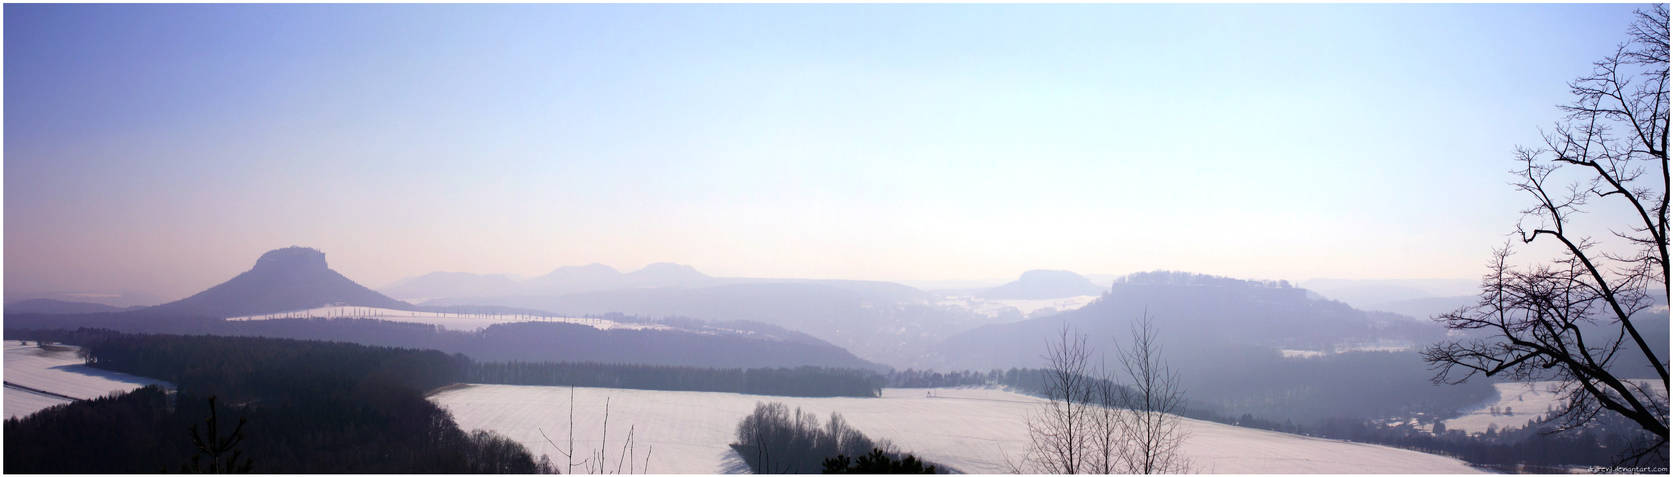 Kleiner Baerenstein Panorama